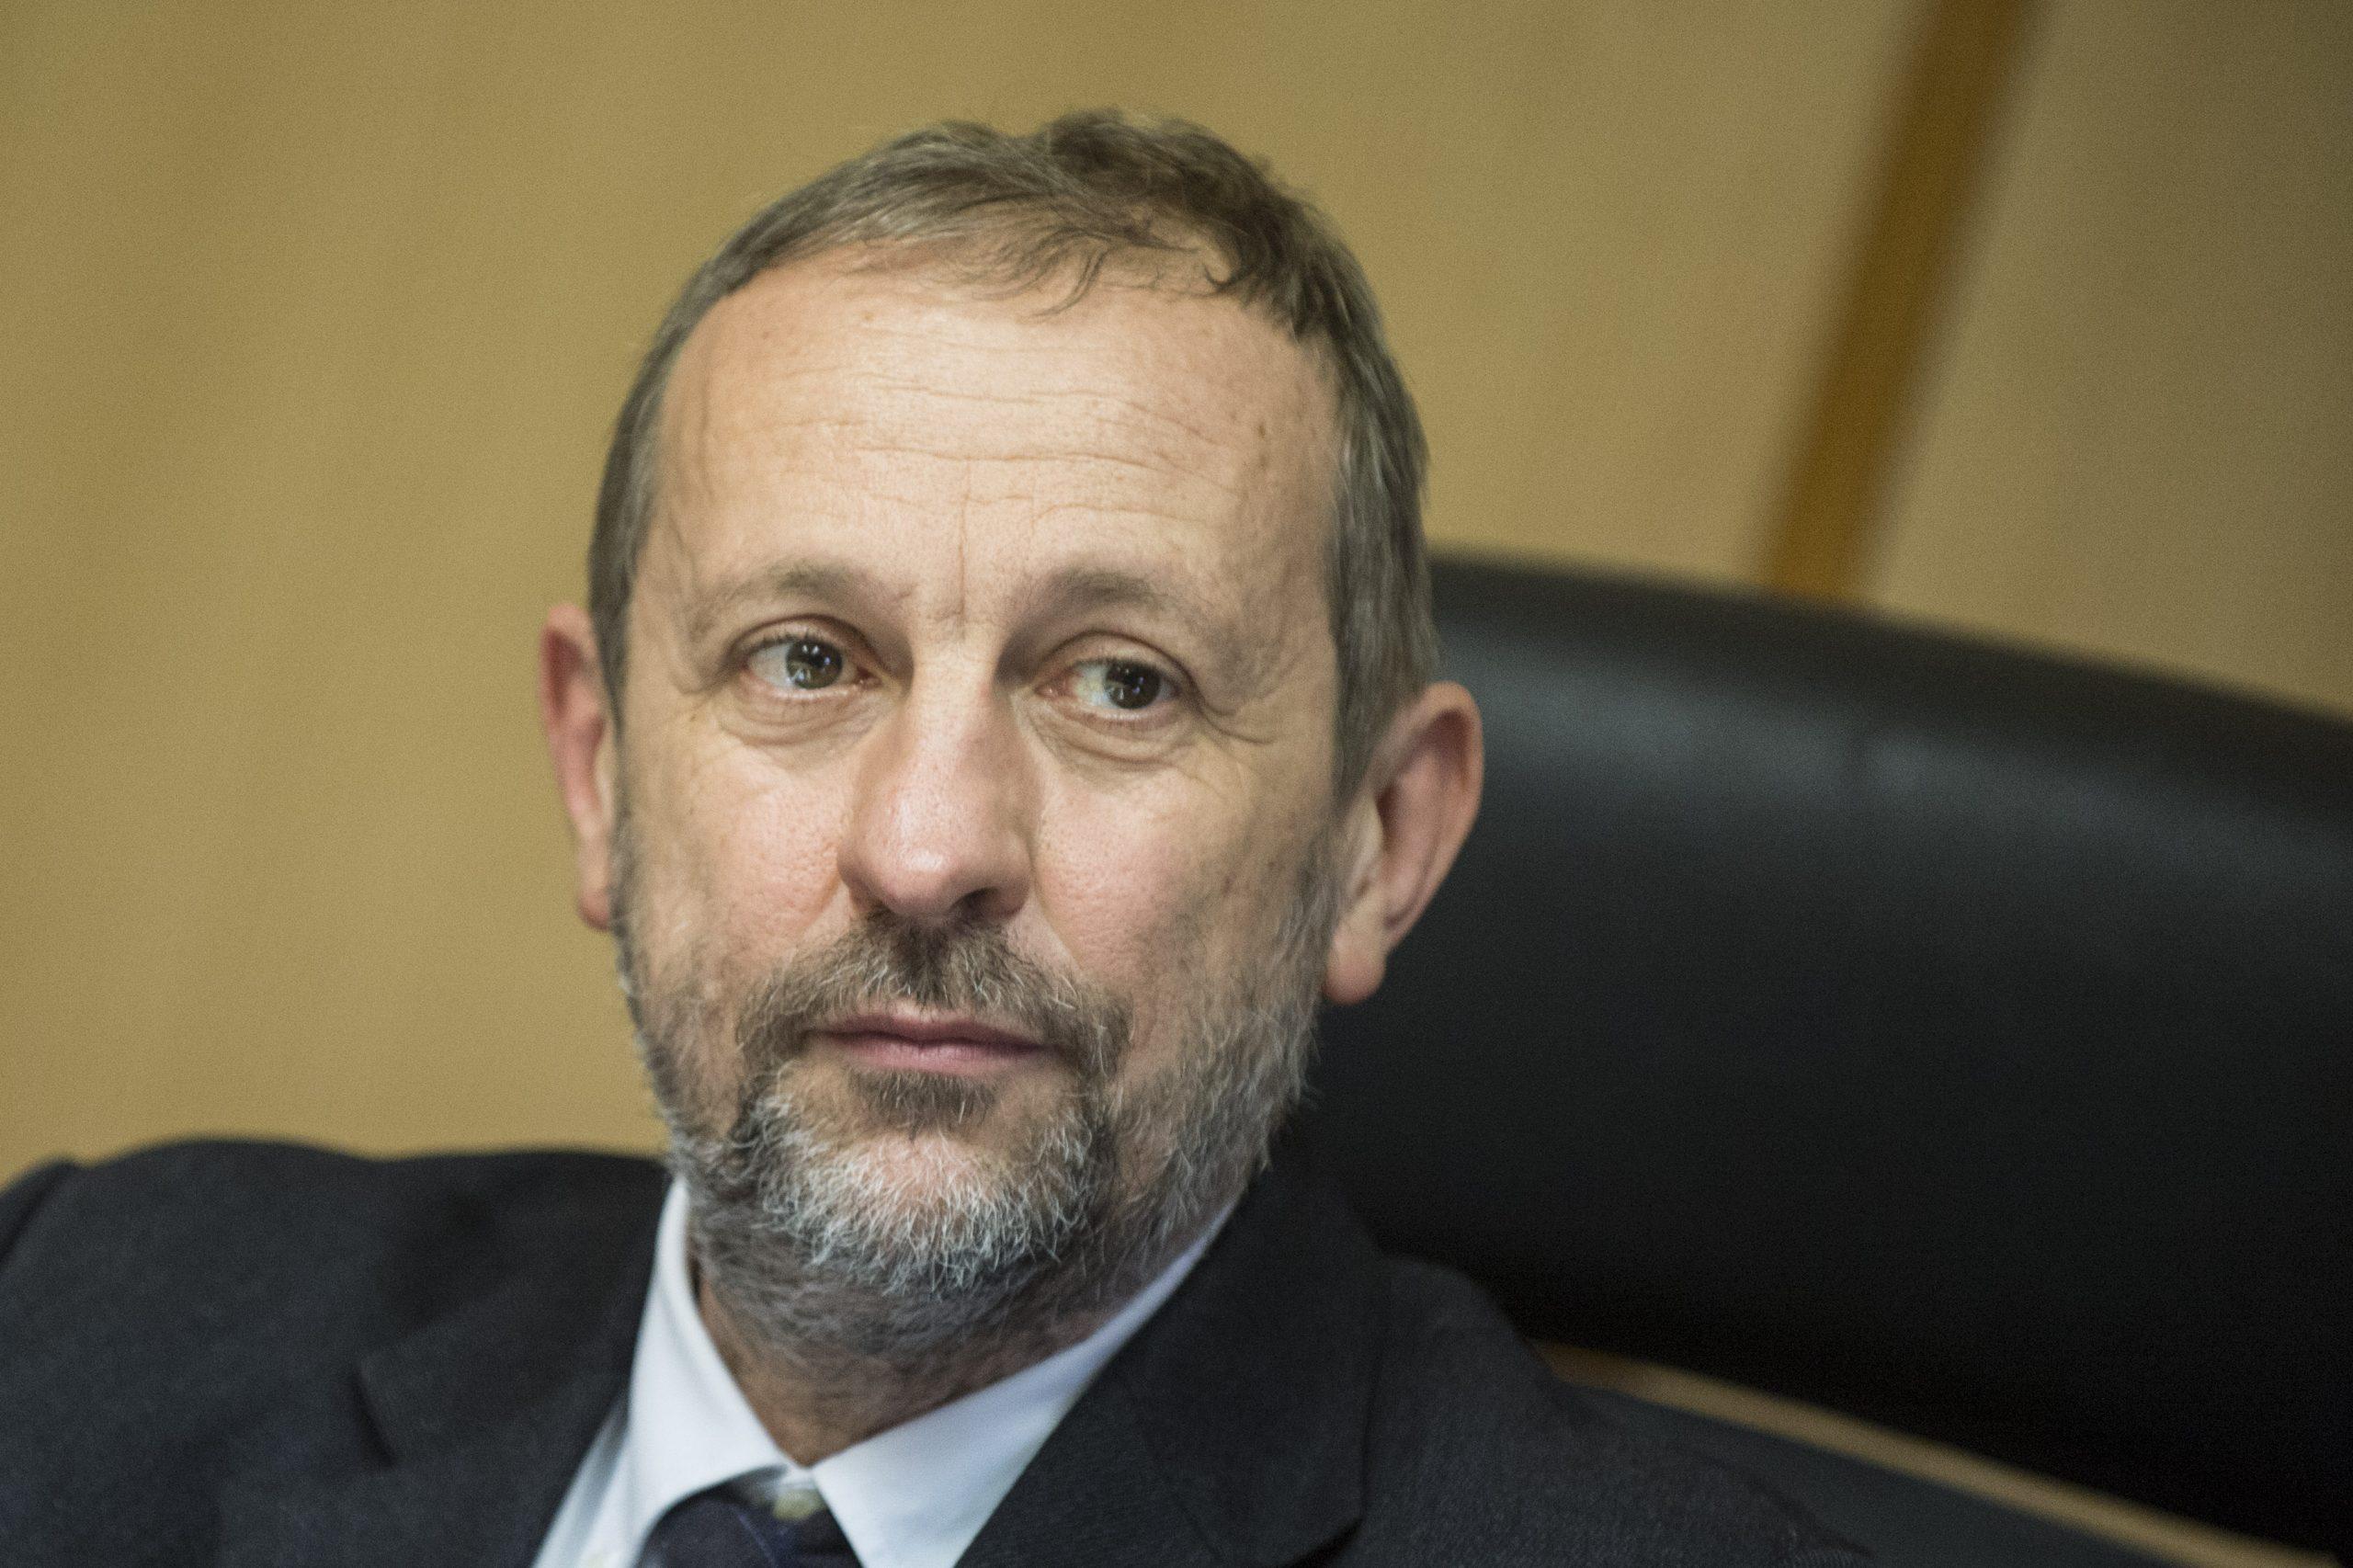 """DDL contro l'omofobia, Ceccanti (PD): """"Timori giustificati ma vanno scongiurati"""""""